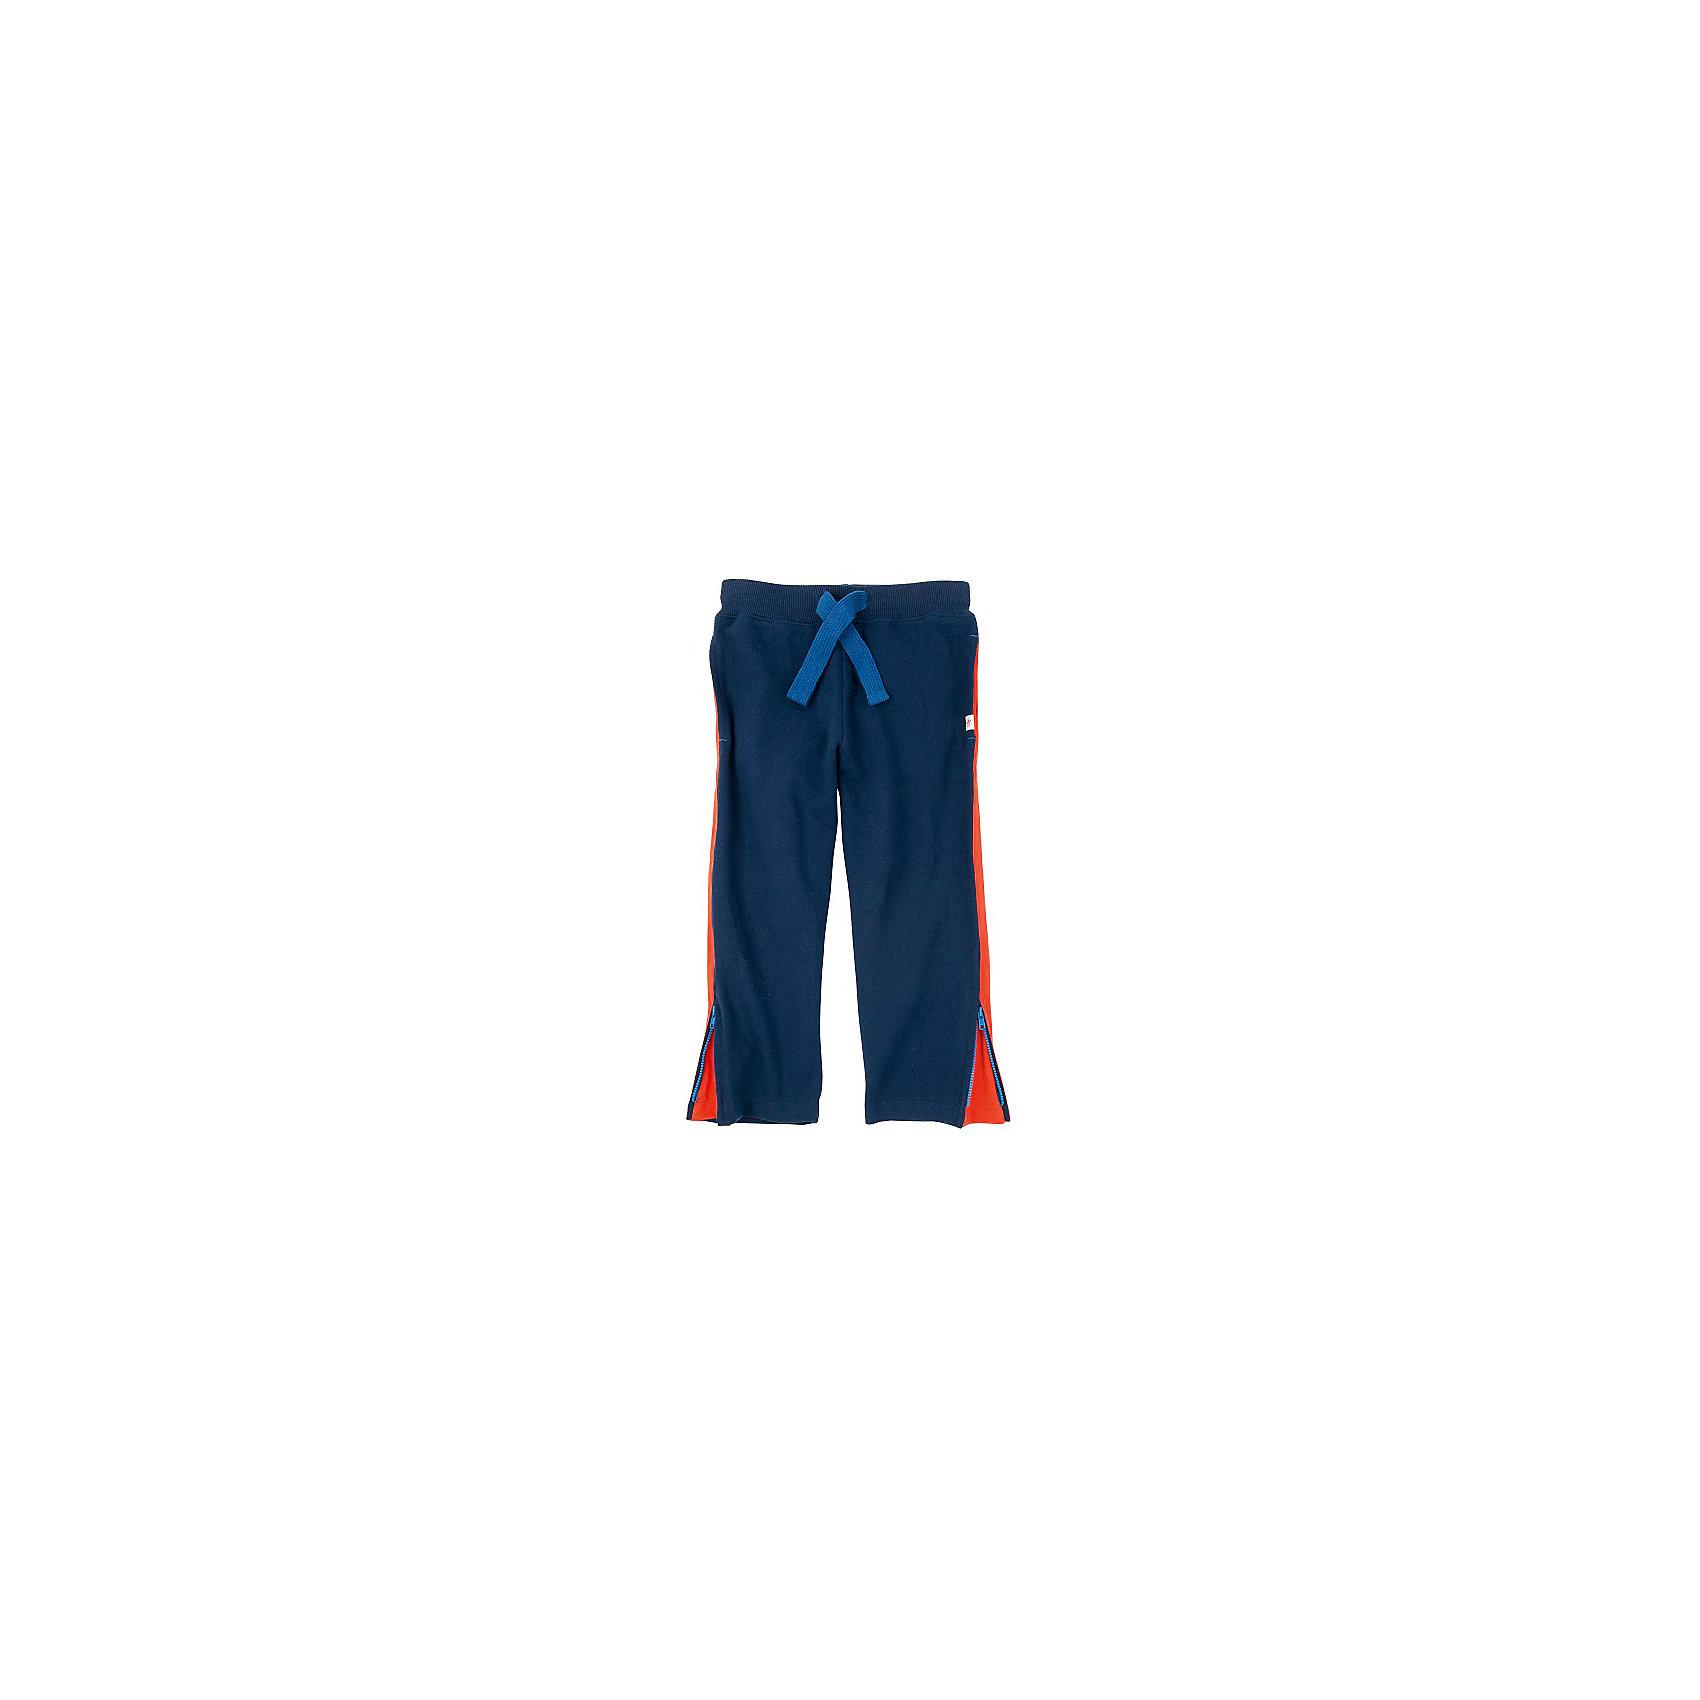 Брюки для мальчика HatleyБрюки<br>Брюки для мальчика Hatley<br><br>Характеристики:<br><br>• Состав: 100% хлопок<br>• Цвет: синий, красный<br><br>Спортивные брюки для мальчика, сделанные из натурального материала. Очень удобные, не стягивающие брючки, имеют дополнительное пространство на молнии внизу. Подойдут для носки сверху спортивной обуви или роликовых коньков. Утягиваются веревочкой сверху. Резинка мягкая, не сдавливает живот.<br><br>Брюки для мальчика Hatley можно купить в нашем интернет-магазине.<br><br>Ширина мм: 215<br>Глубина мм: 88<br>Высота мм: 191<br>Вес г: 336<br>Цвет: синий<br>Возраст от месяцев: 36<br>Возраст до месяцев: 48<br>Пол: Мужской<br>Возраст: Детский<br>Размер: 104,92,122,128,110,116,98<br>SKU: 5020573